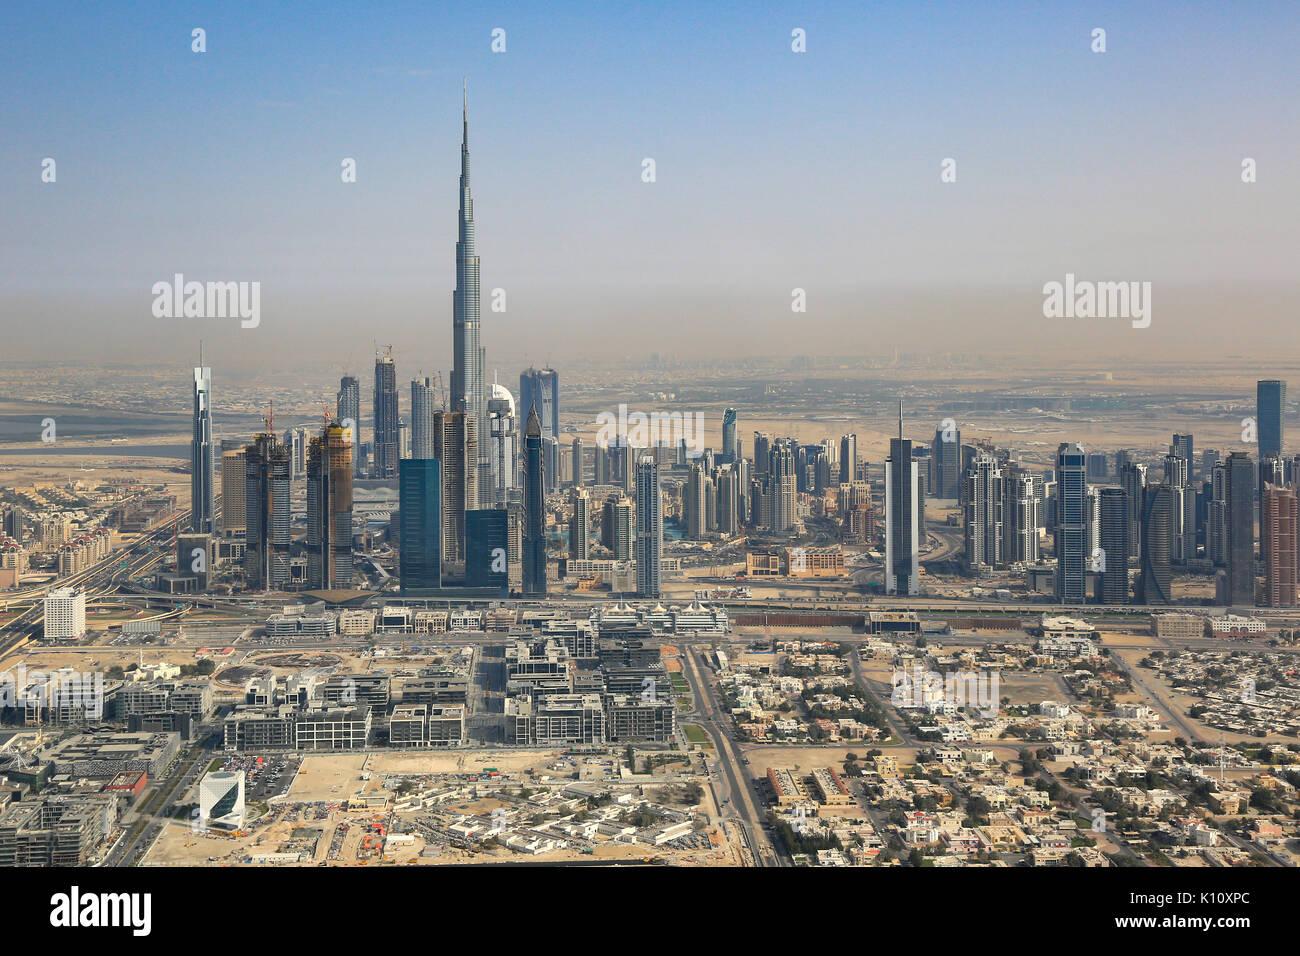 Skyline von Dubai Burj Khalifa hochhaus Luftbild Fotografie VAE Stockbild